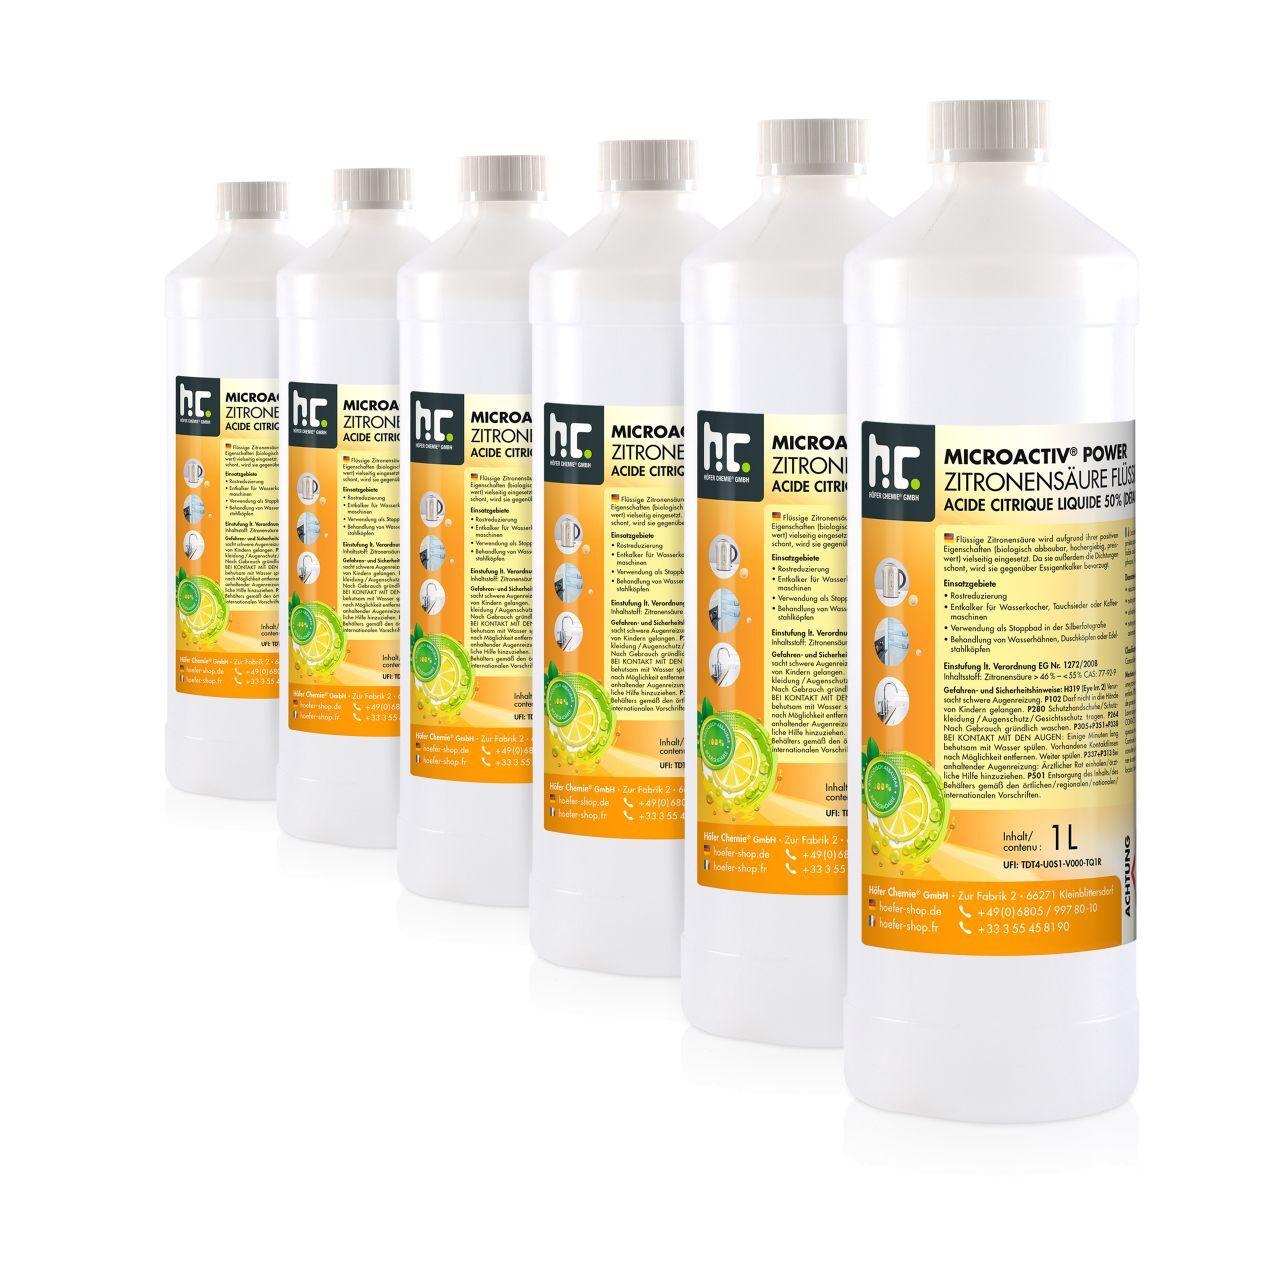 Höfer Chemie 6 l Acide Citrique Liquide 50% (6 x 1 l)